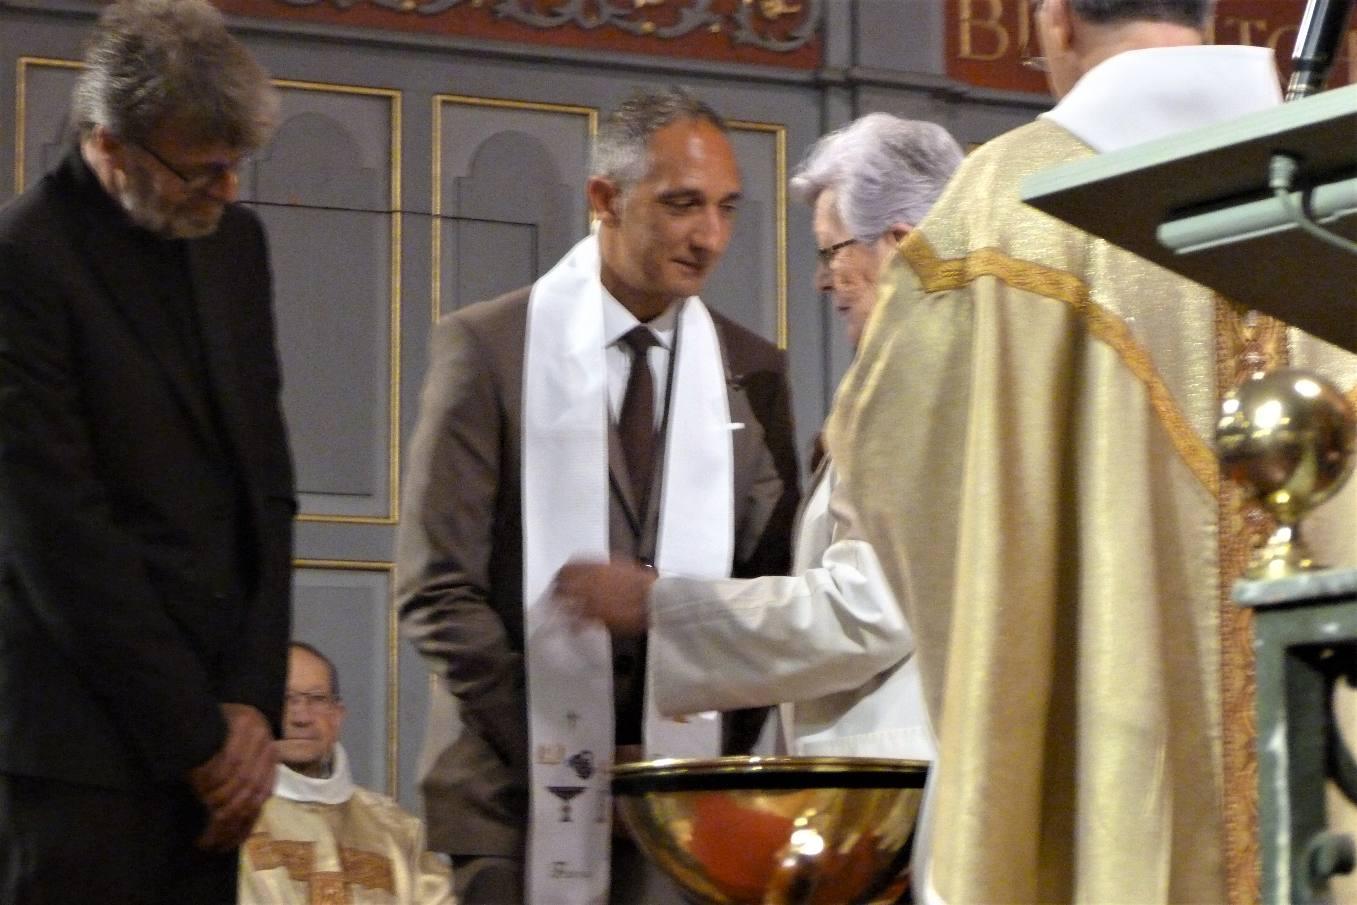 La marraine, Françoise, remet le vêtement blanc signe que Fabrice a revêtu le Christ